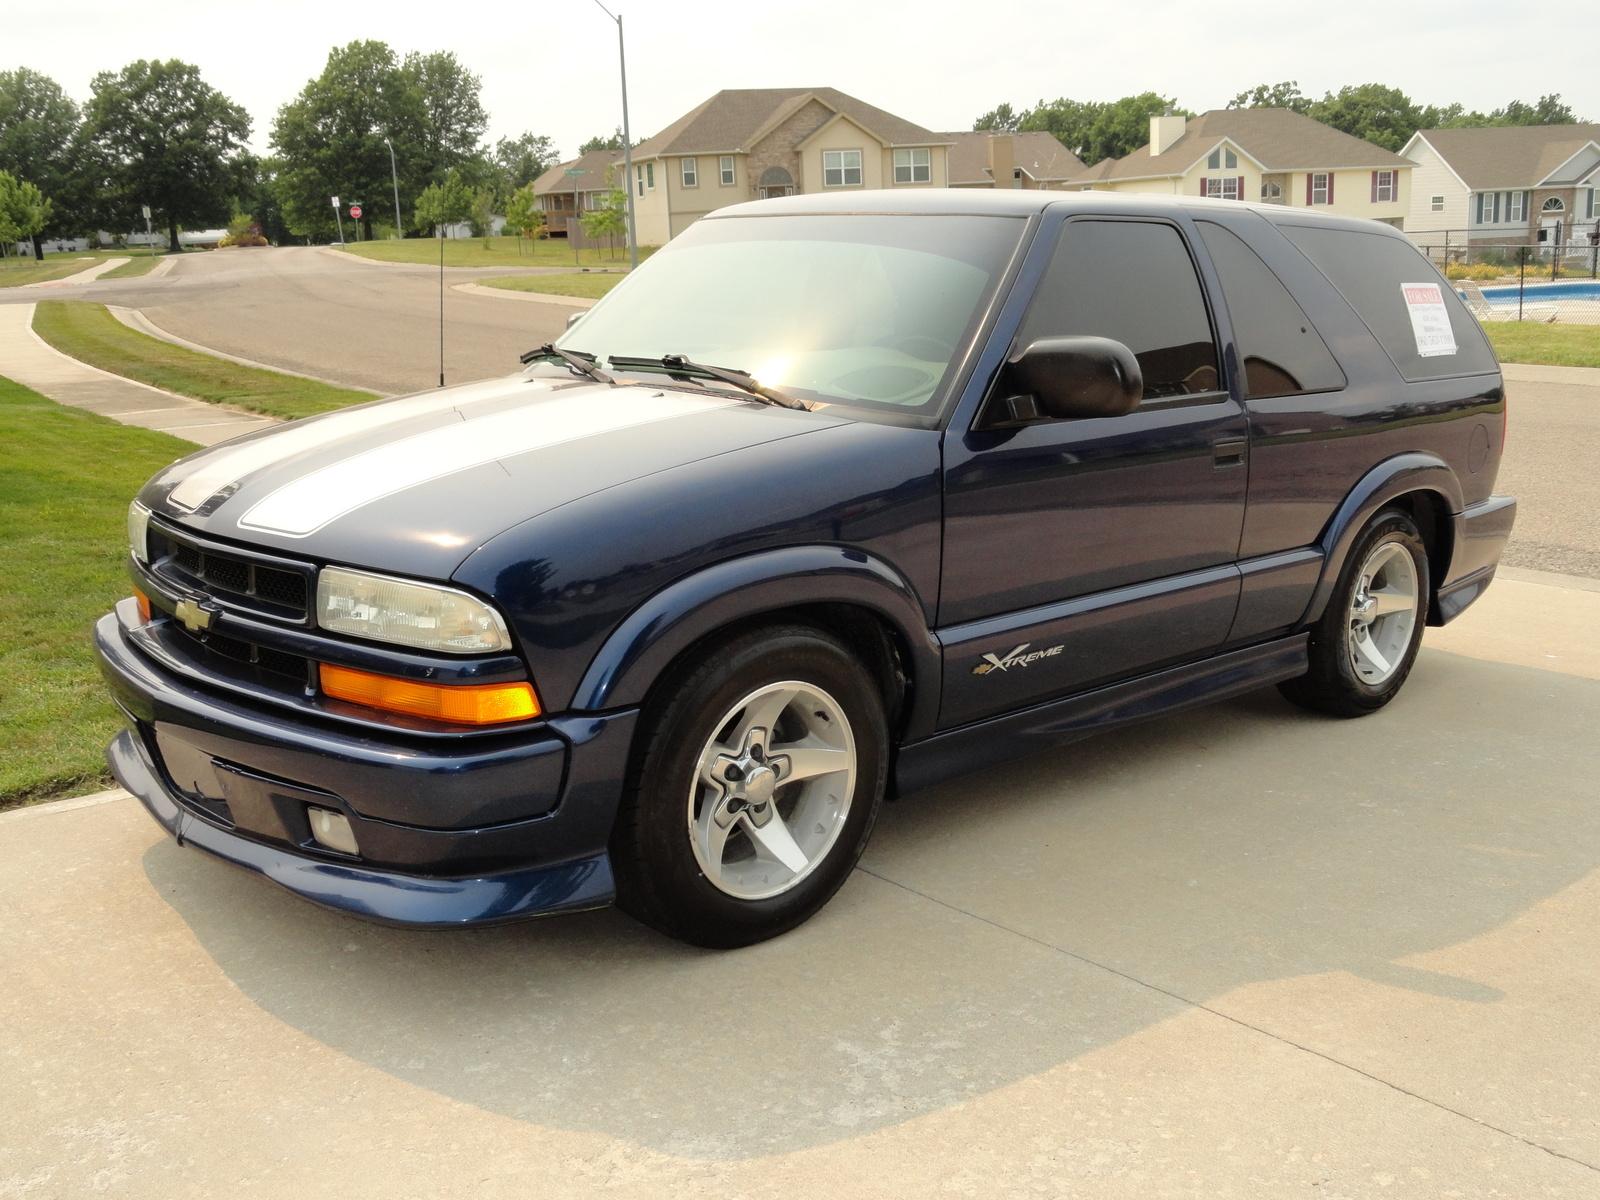 Chevrolet Blazer 2004 foto - 4